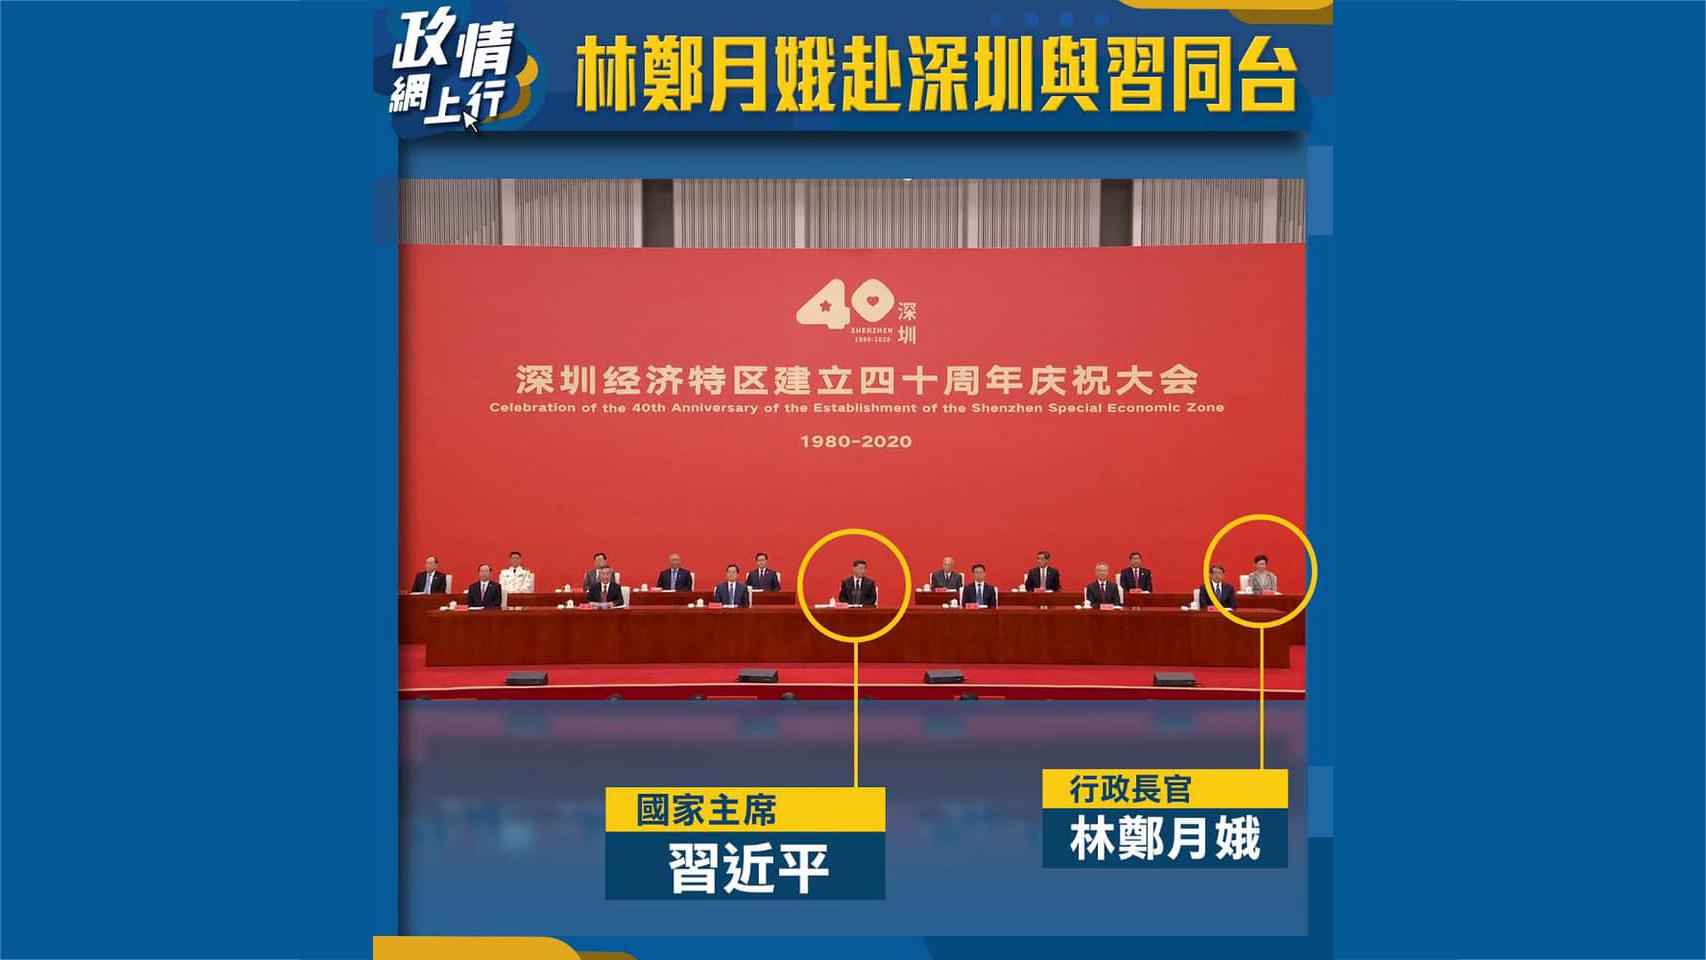 【政情網上行】林鄭月娥赴深圳與習同台